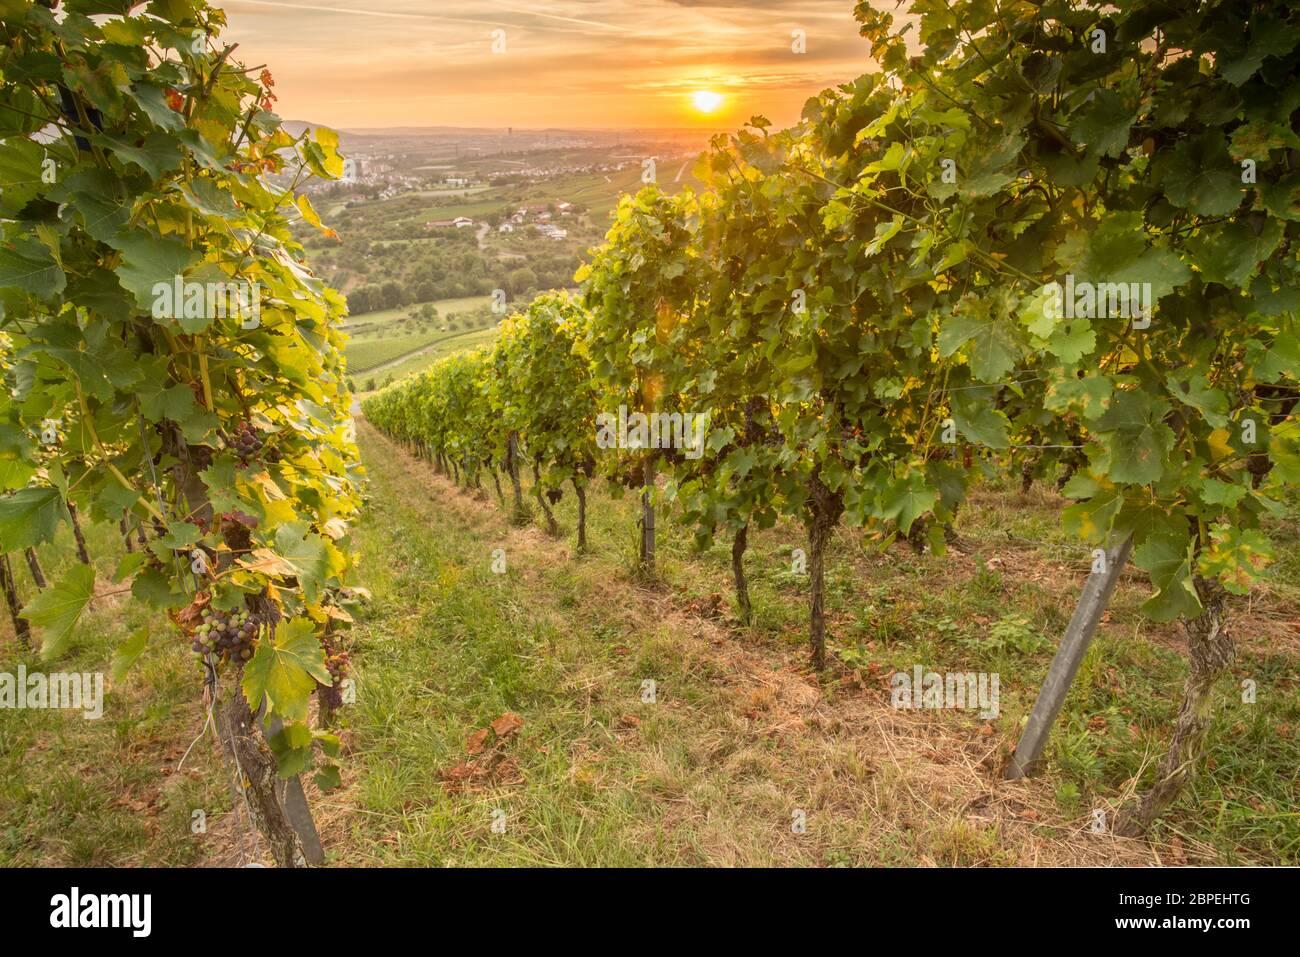 Weinreben und Weintrauben im Weinberg im Sonnenuntergang Stock Photo